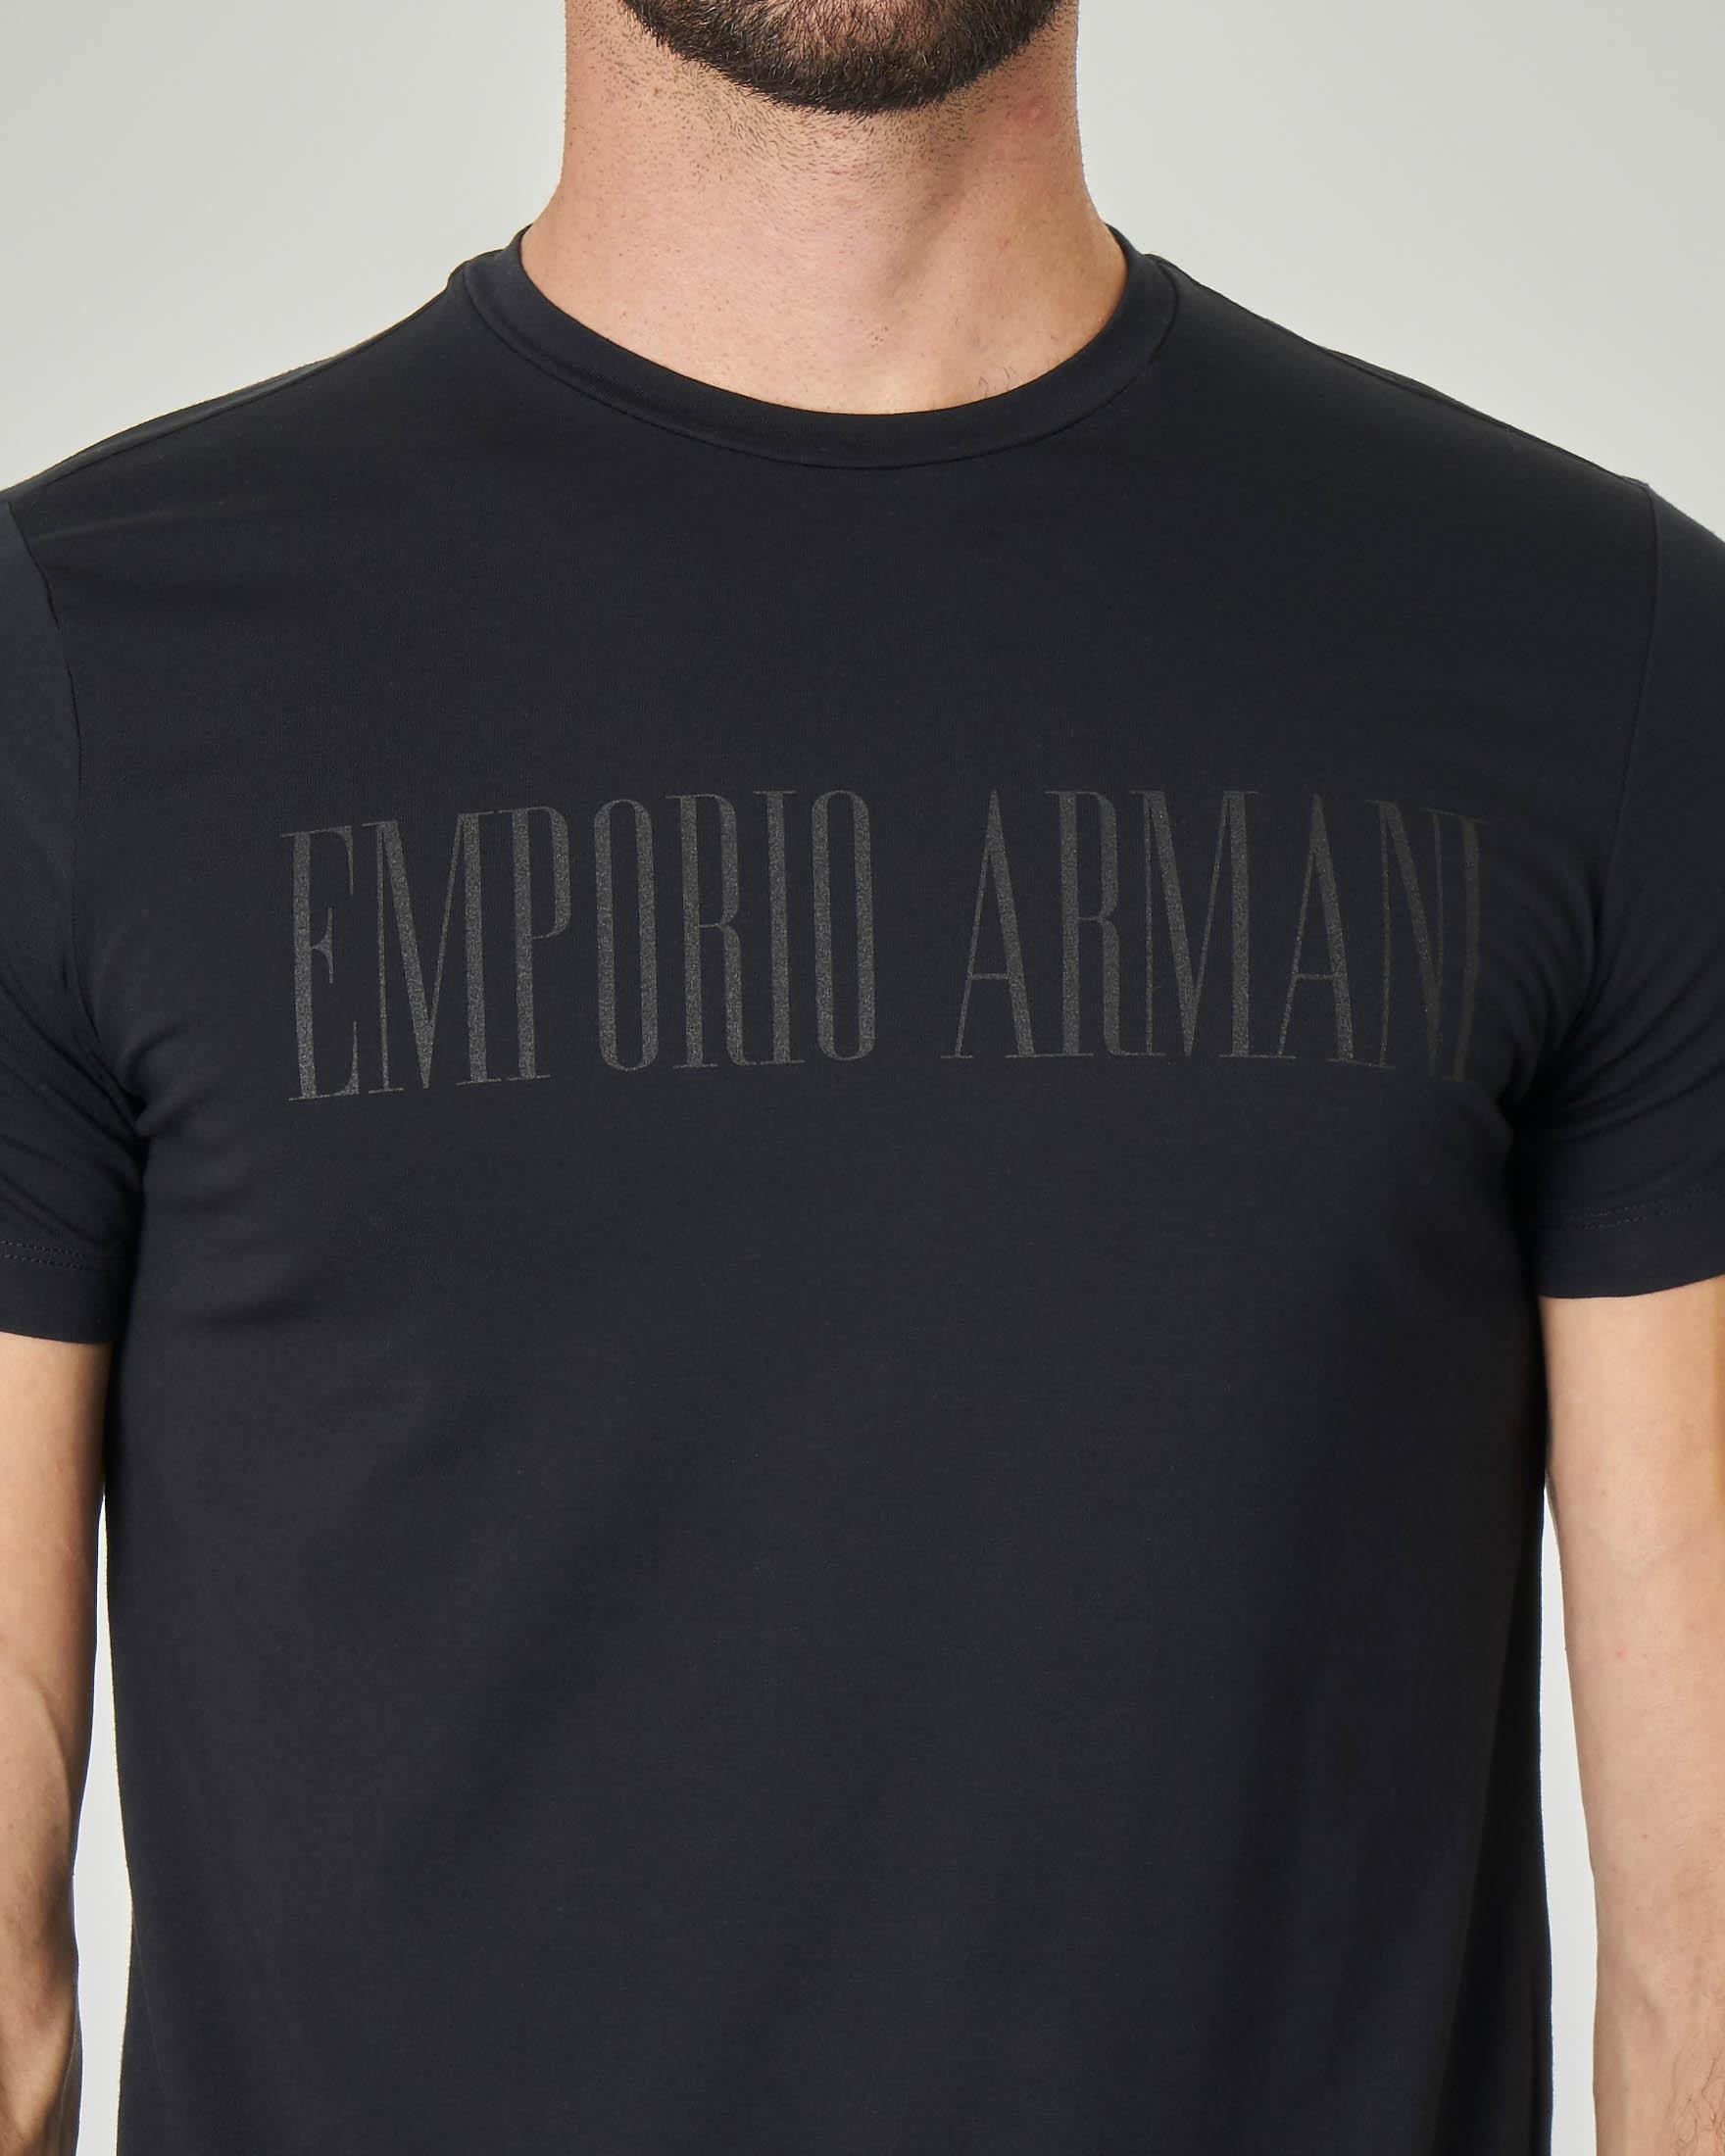 T-shirt nero in cotone stretch con logo stampato